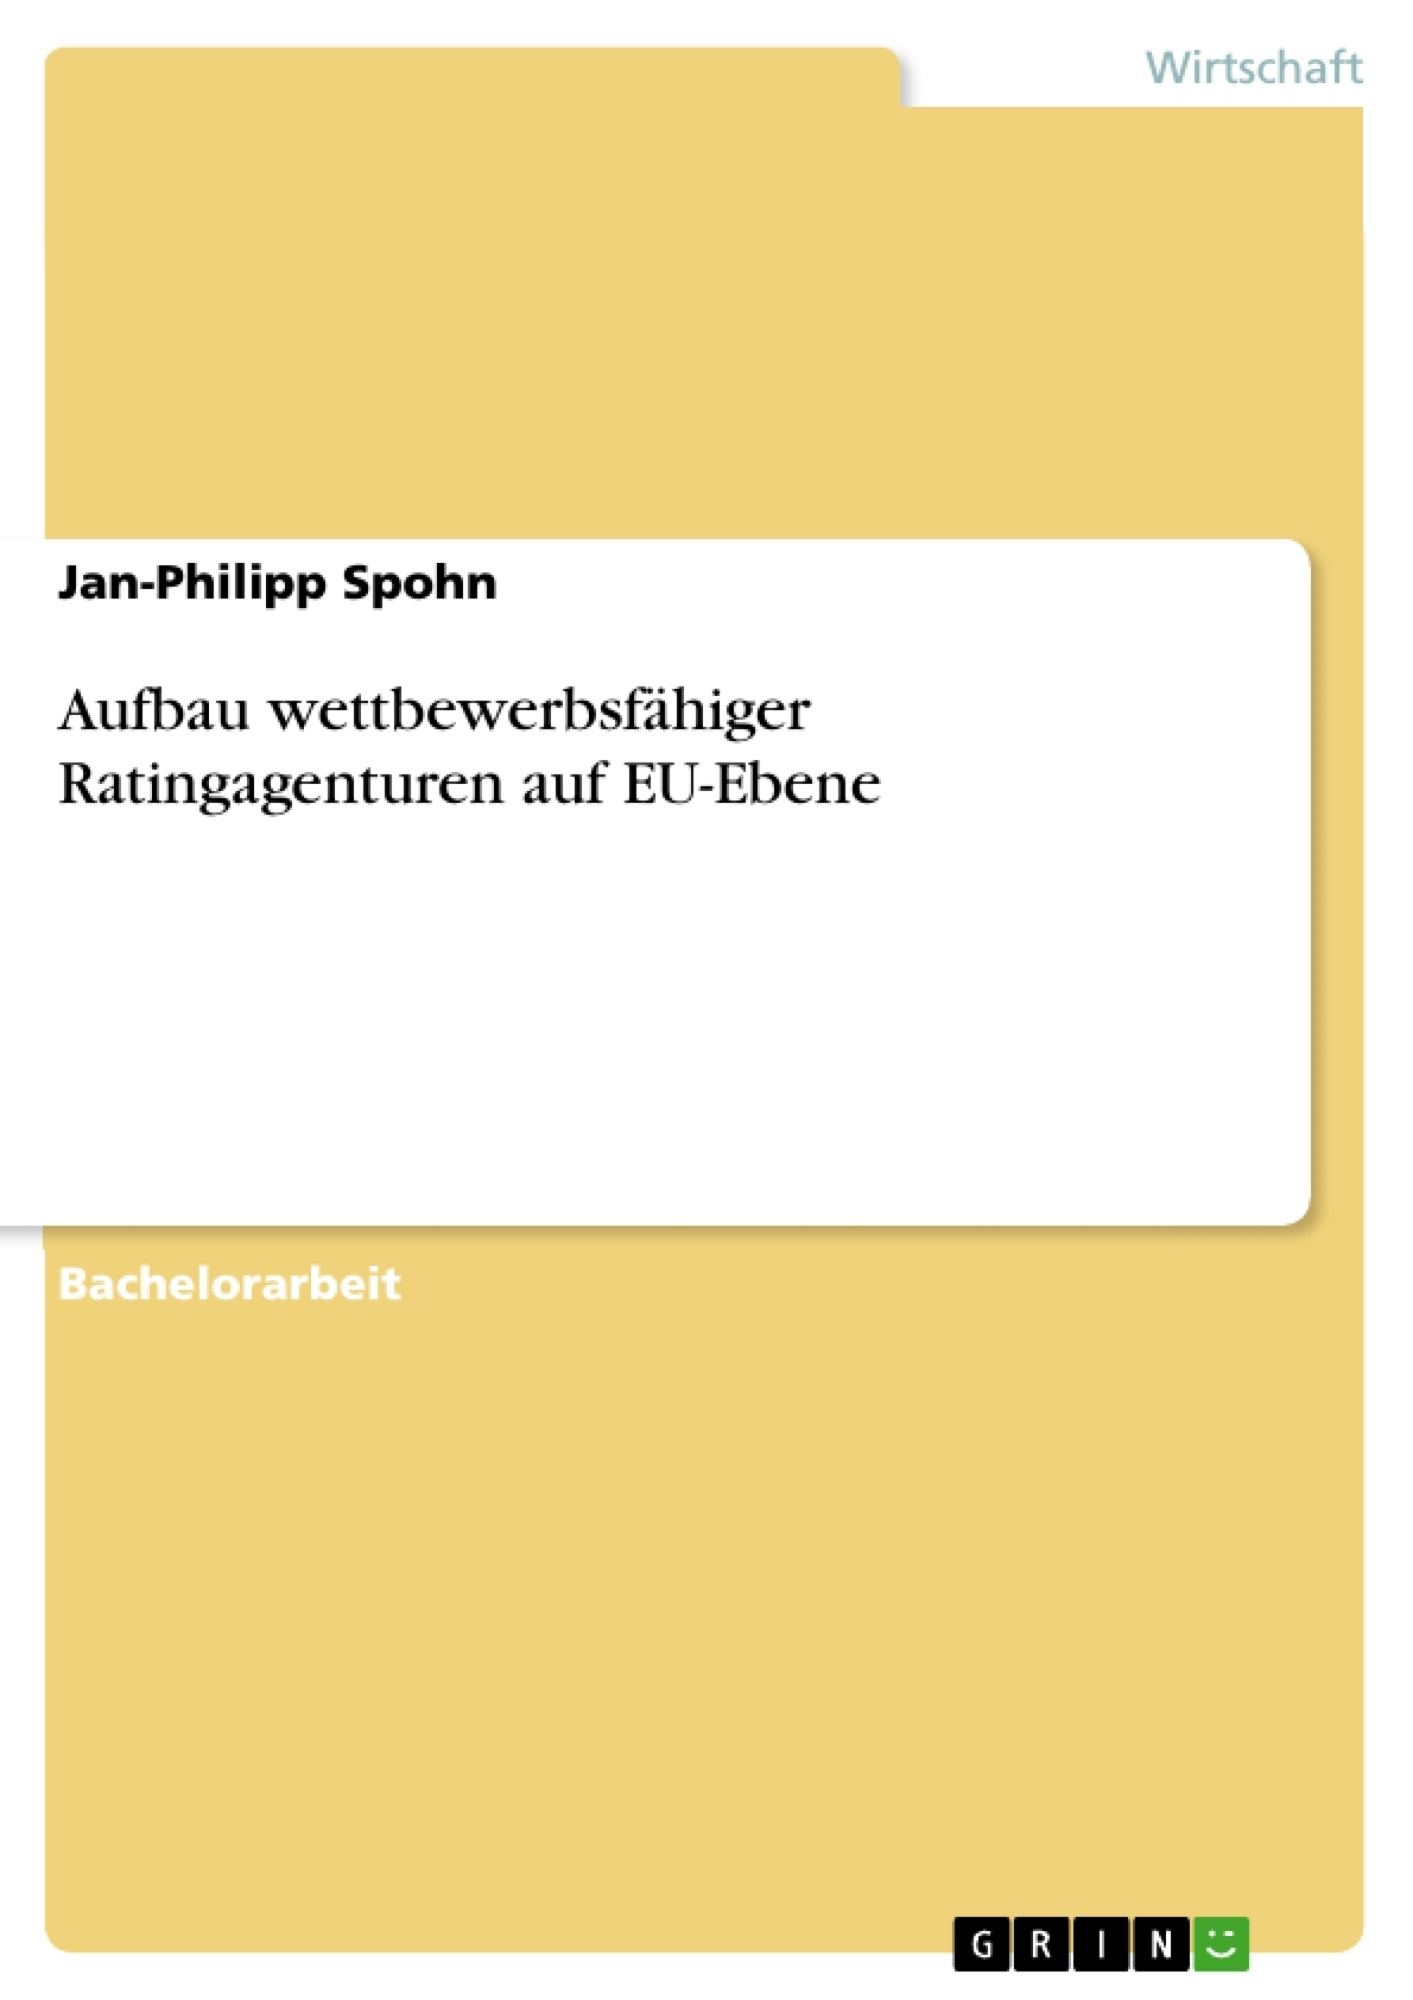 Titel: Aufbau wettbewerbsfähiger Ratingagenturen auf EU-Ebene